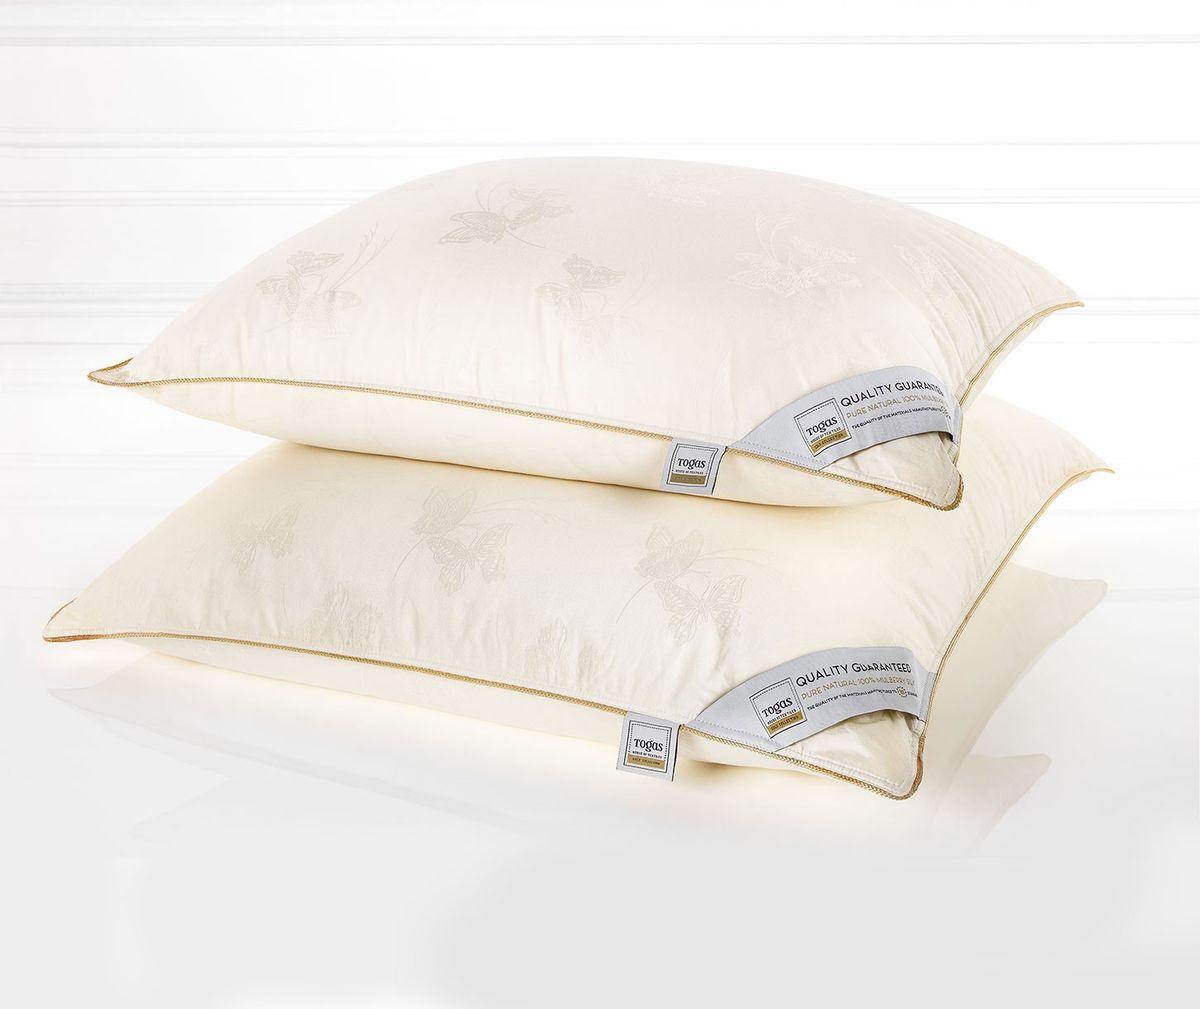 Подушка Togas Батерфляй, наполнитель: шелк, 70 х 70 см47.01Чехол подушки Togas Батерфляй выполнен из сатина (100% хлопок). Наполнитель одеяла состоит из 100% шелка. Роскошный сатин, из которого выполнен чехол, по праву считается «королем» хлопка. Изысканный глянец, позволяющий сравнить его с шелком, достигается благодаря особому переплетению волокон, придающему ткани шелковистую мягкость и прочность. Сатин оказывает расслабляющее и оздоравливающее воздействие, хорошо согревает тело и одновременно «дышит», прекрасно впитывает влагу, обладает высокими экологическими показателями и износостойкостью. Он прост в уходе и почти не мнется. Такой чехол, без сомнения, достоин своего драгоценного содержимого! Наполнитель из натурального шелка сорта Малбери отличается особой мягкостью и абсолютной невесомостью. Воплощение совершенного комфорта, оно согревает летом и охлаждает зимой, эффективно работает, пока вы отдыхаете. Все потому, что шелк - прекрасный натуральный терморегулятор. Он быстро поглощает тепло и ...